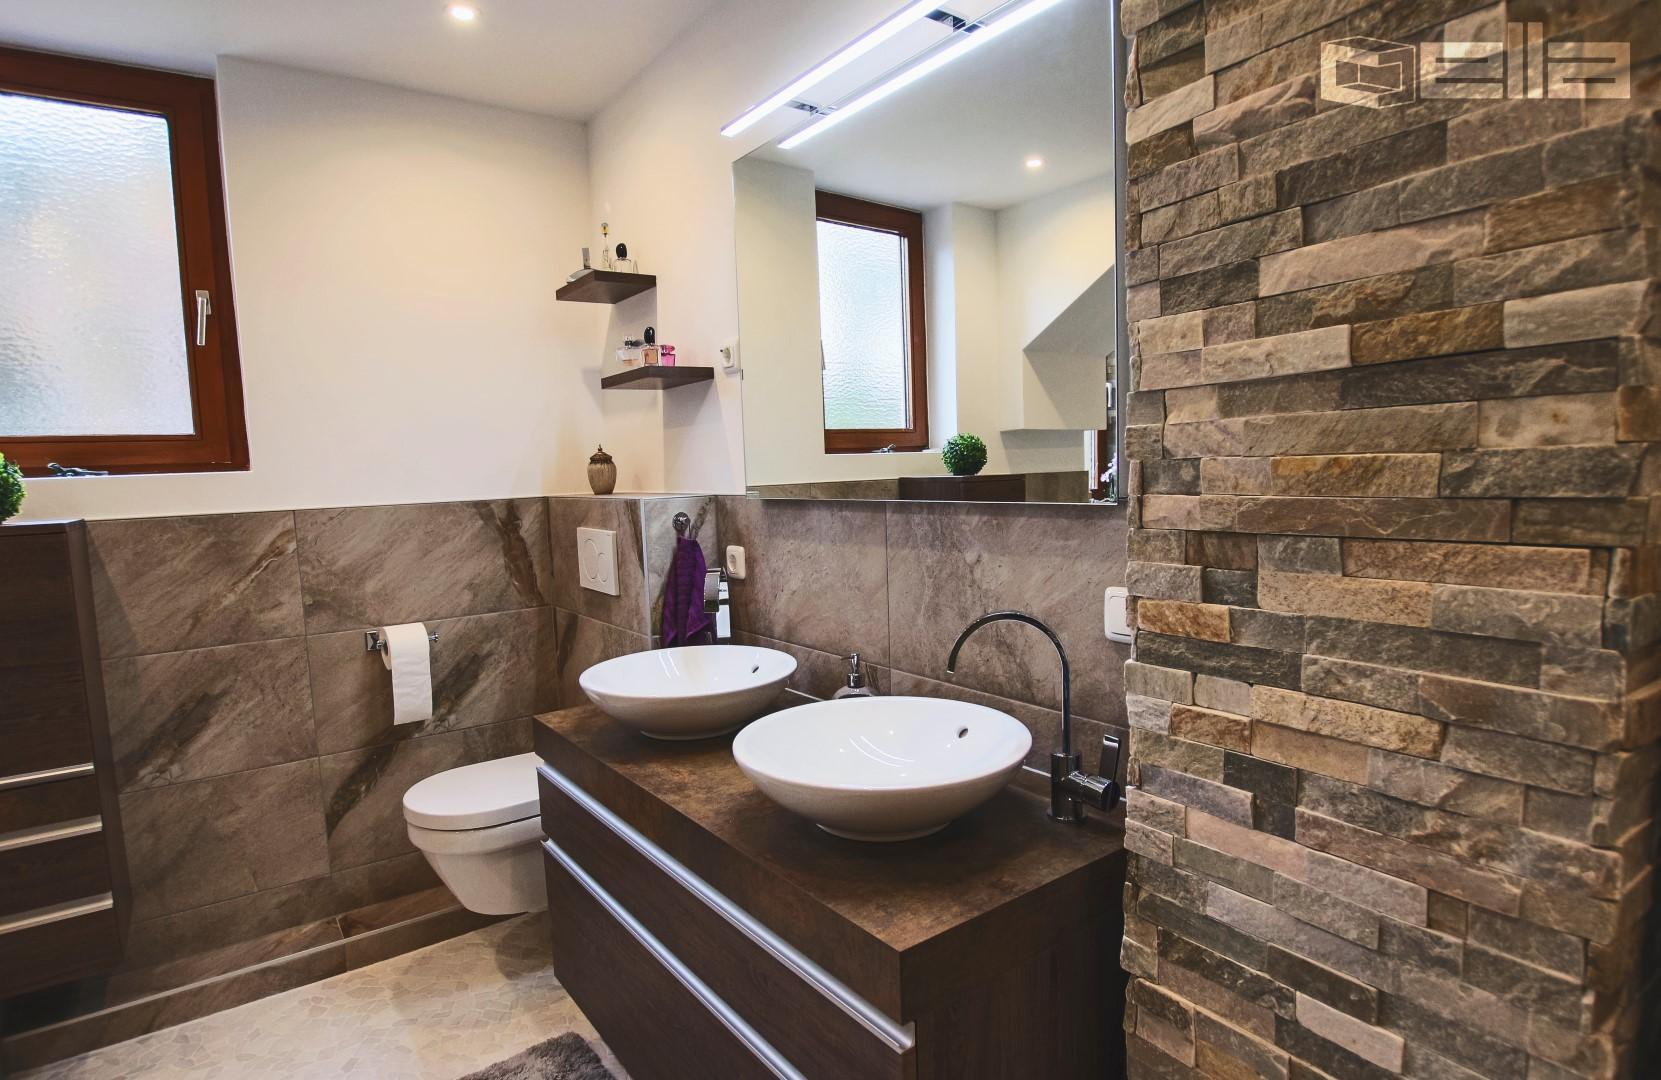 badsanierung bilder ideen couchstyle. Black Bedroom Furniture Sets. Home Design Ideas